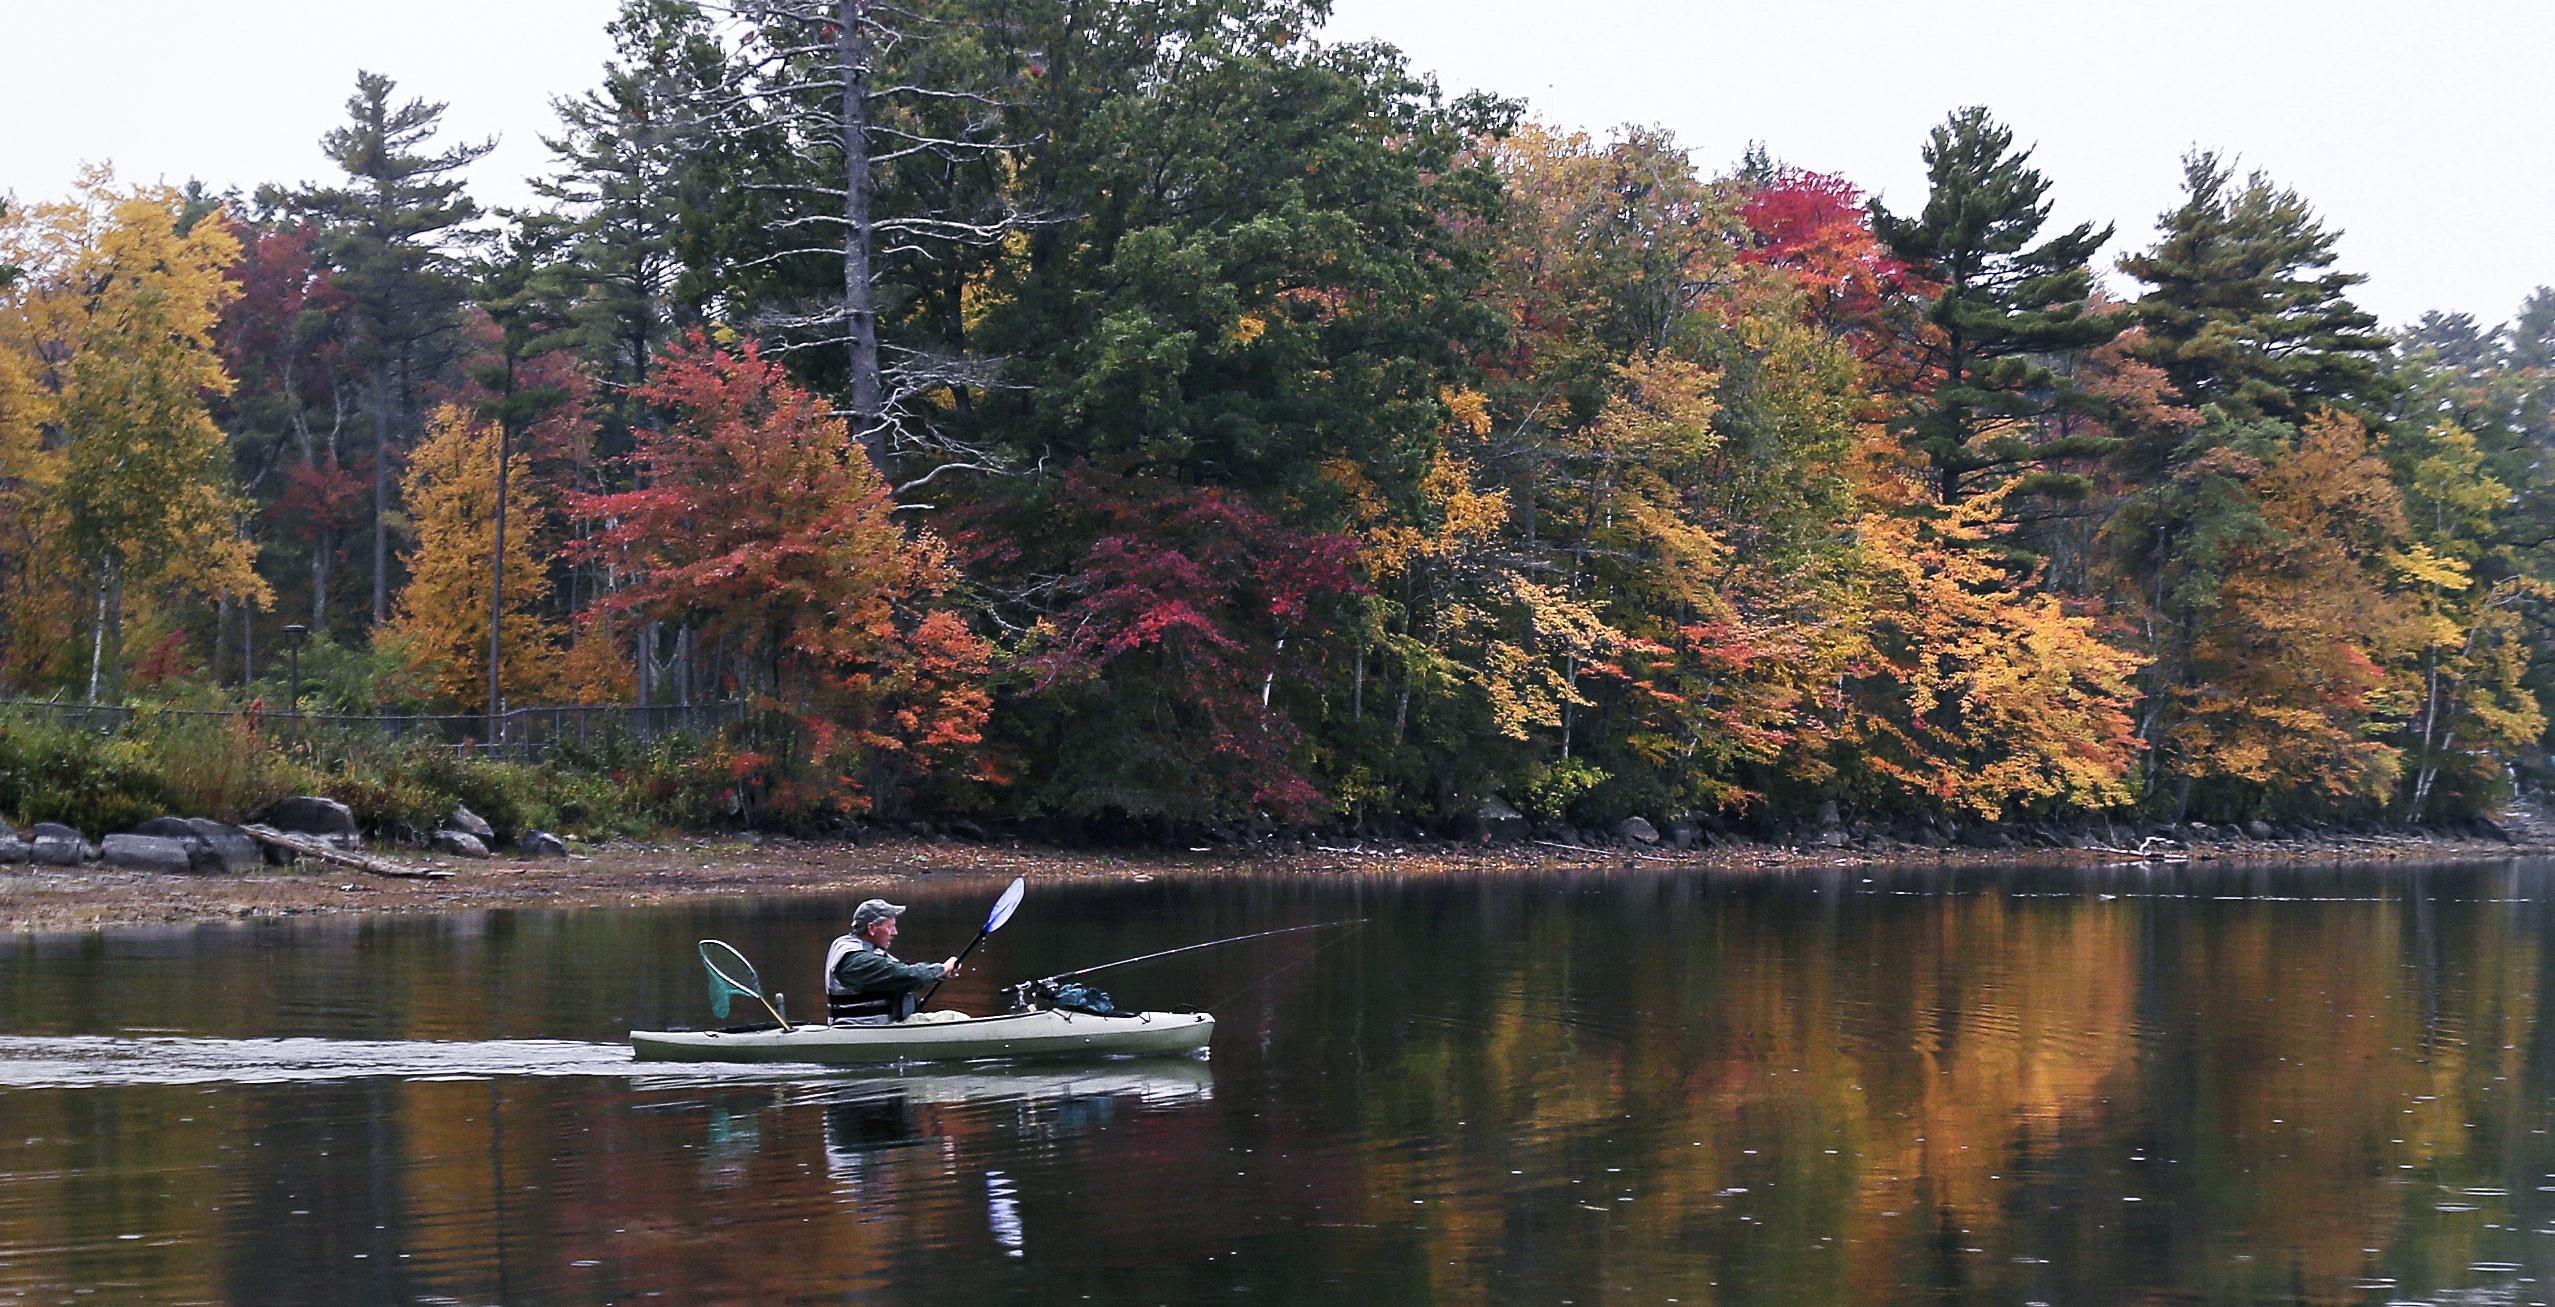 Verenigde Staten-In de staat New England is de natuur adembenemend in de herfst. Iedereen moet dat een keer meemaken.(AP Photo/Charles Krupa)